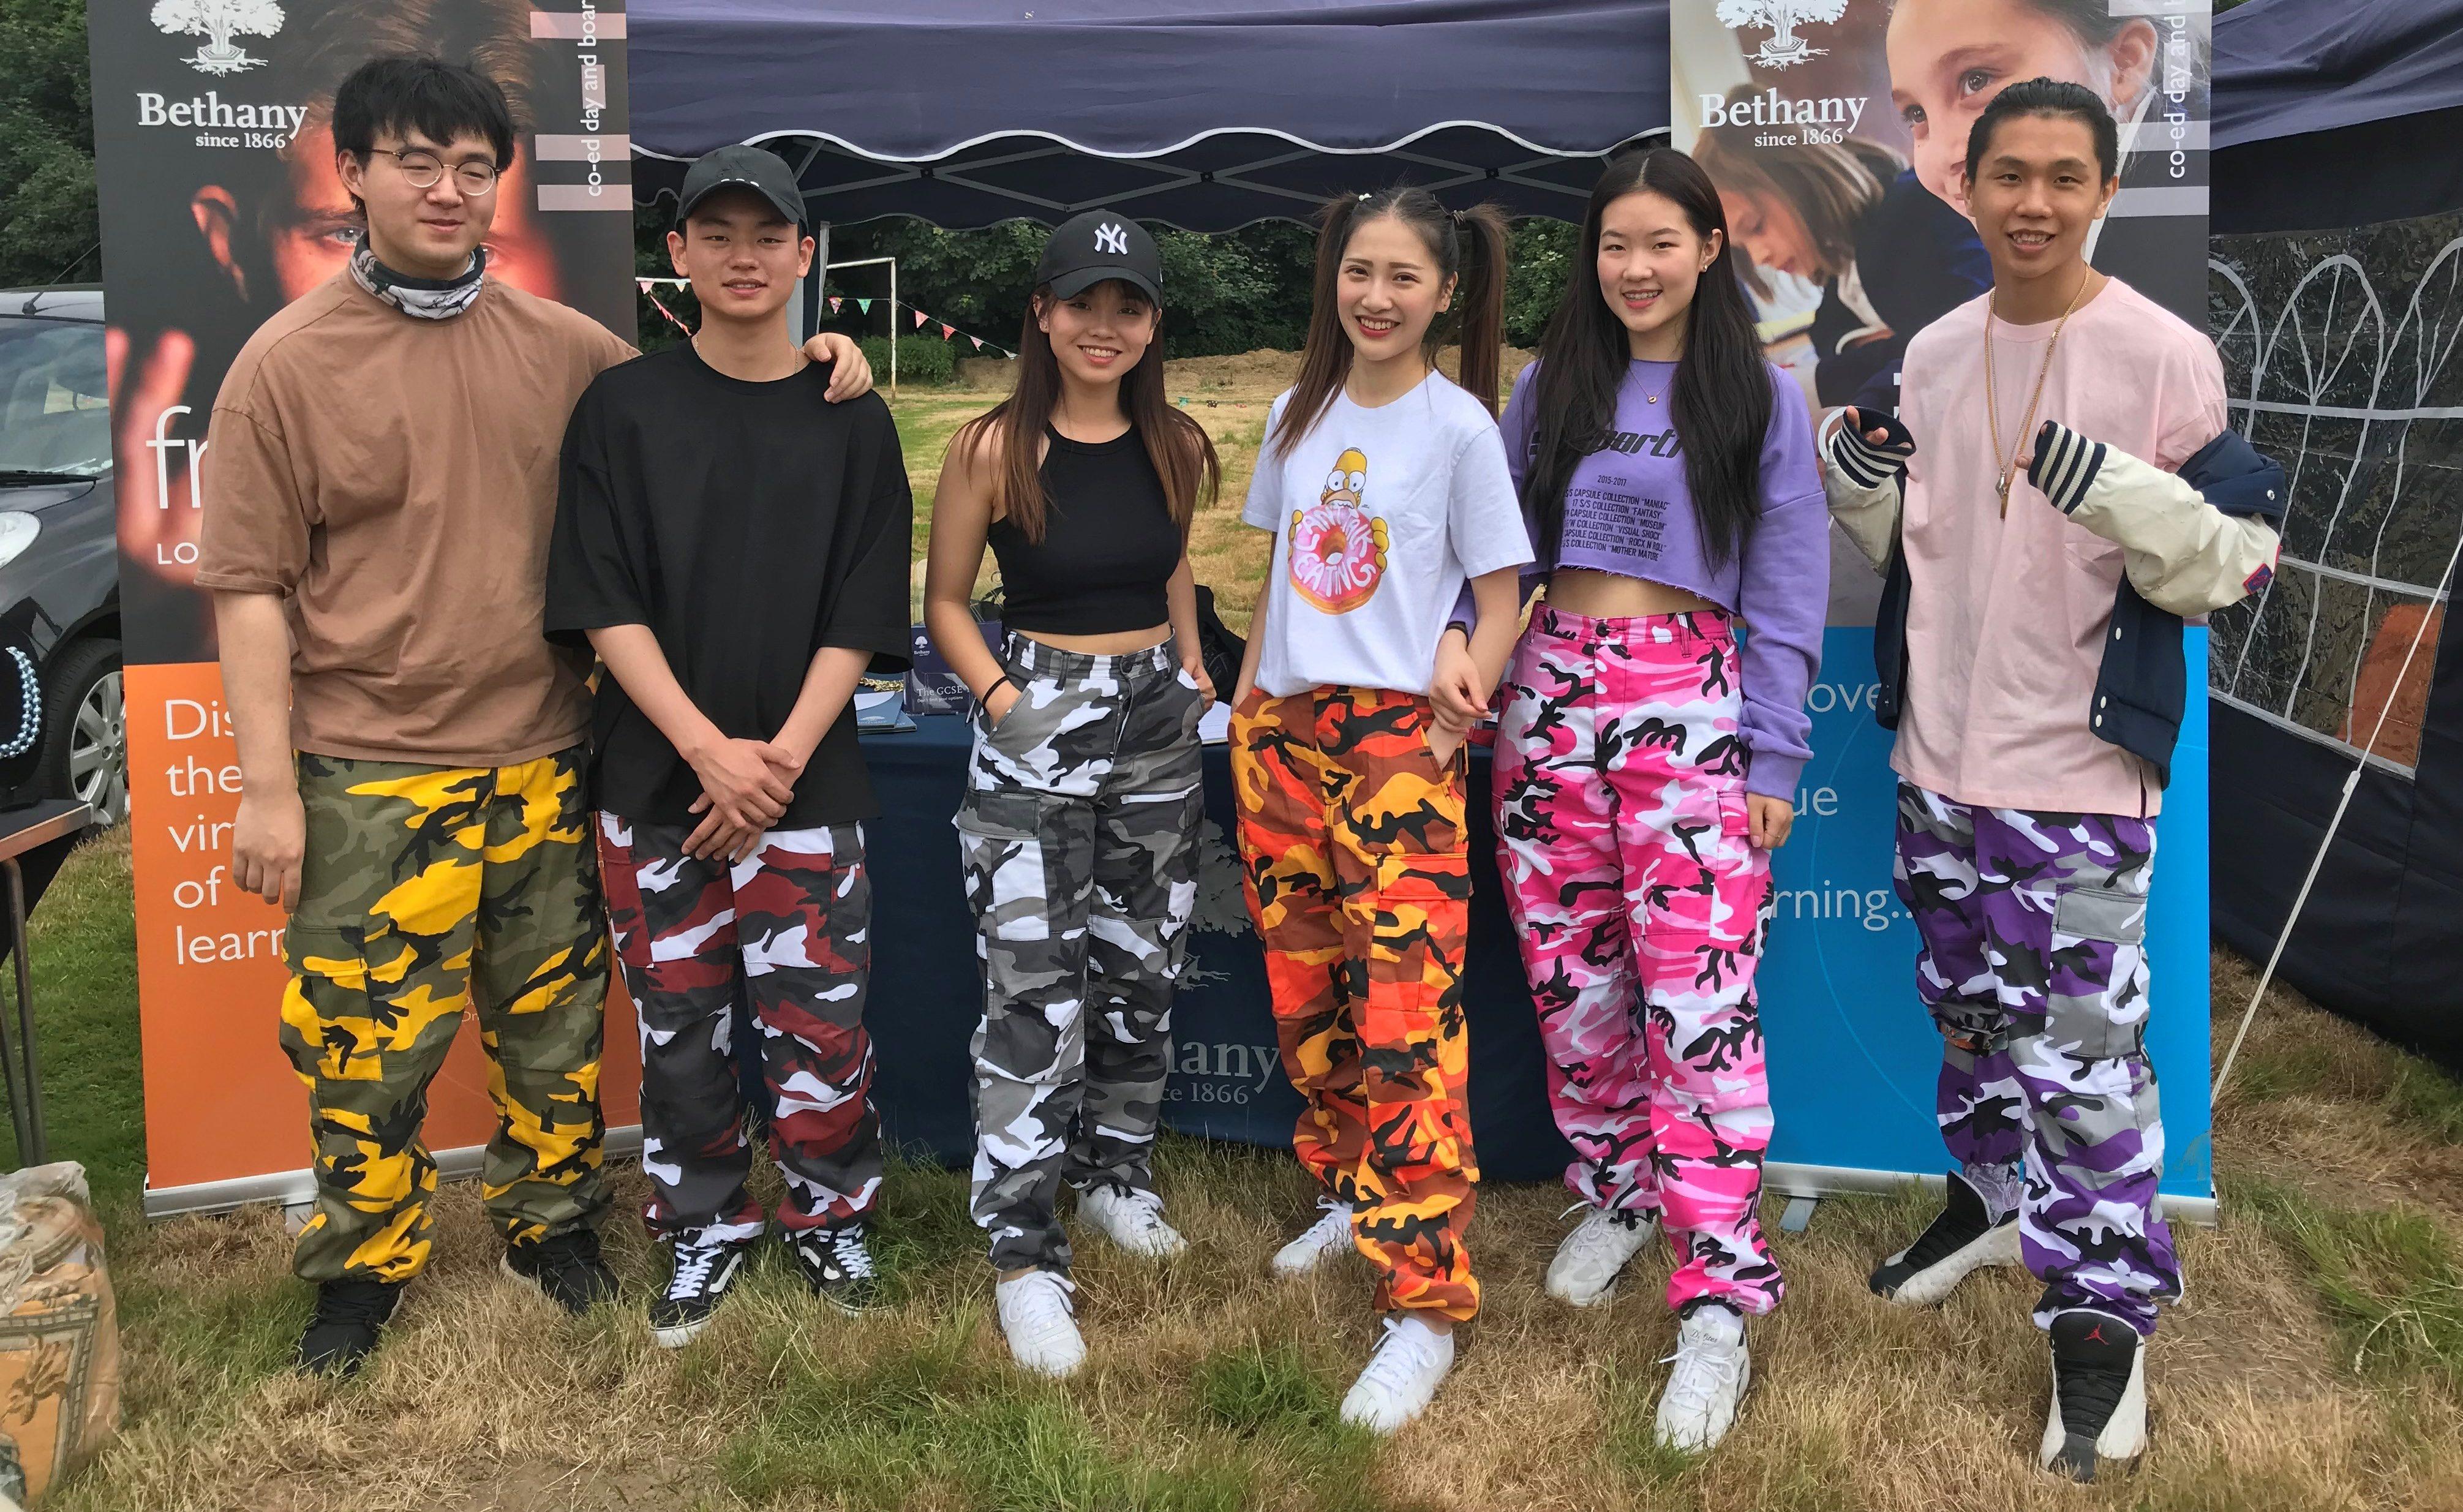 Sixth Form dance troupe at the Goudhurst Village Fete 2018.